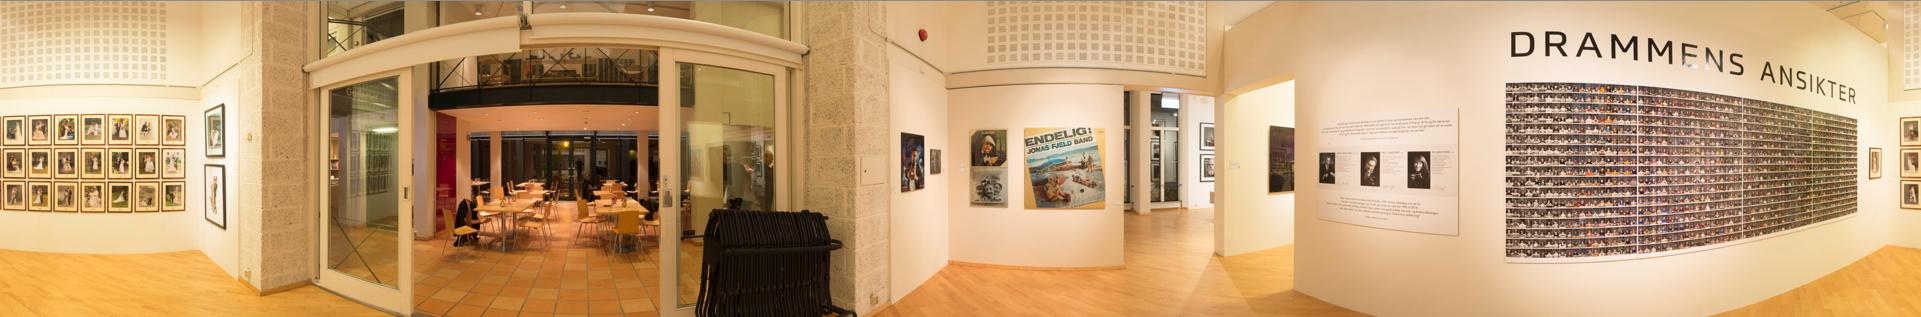 Panorama fra utstillingen på Drammen Museum